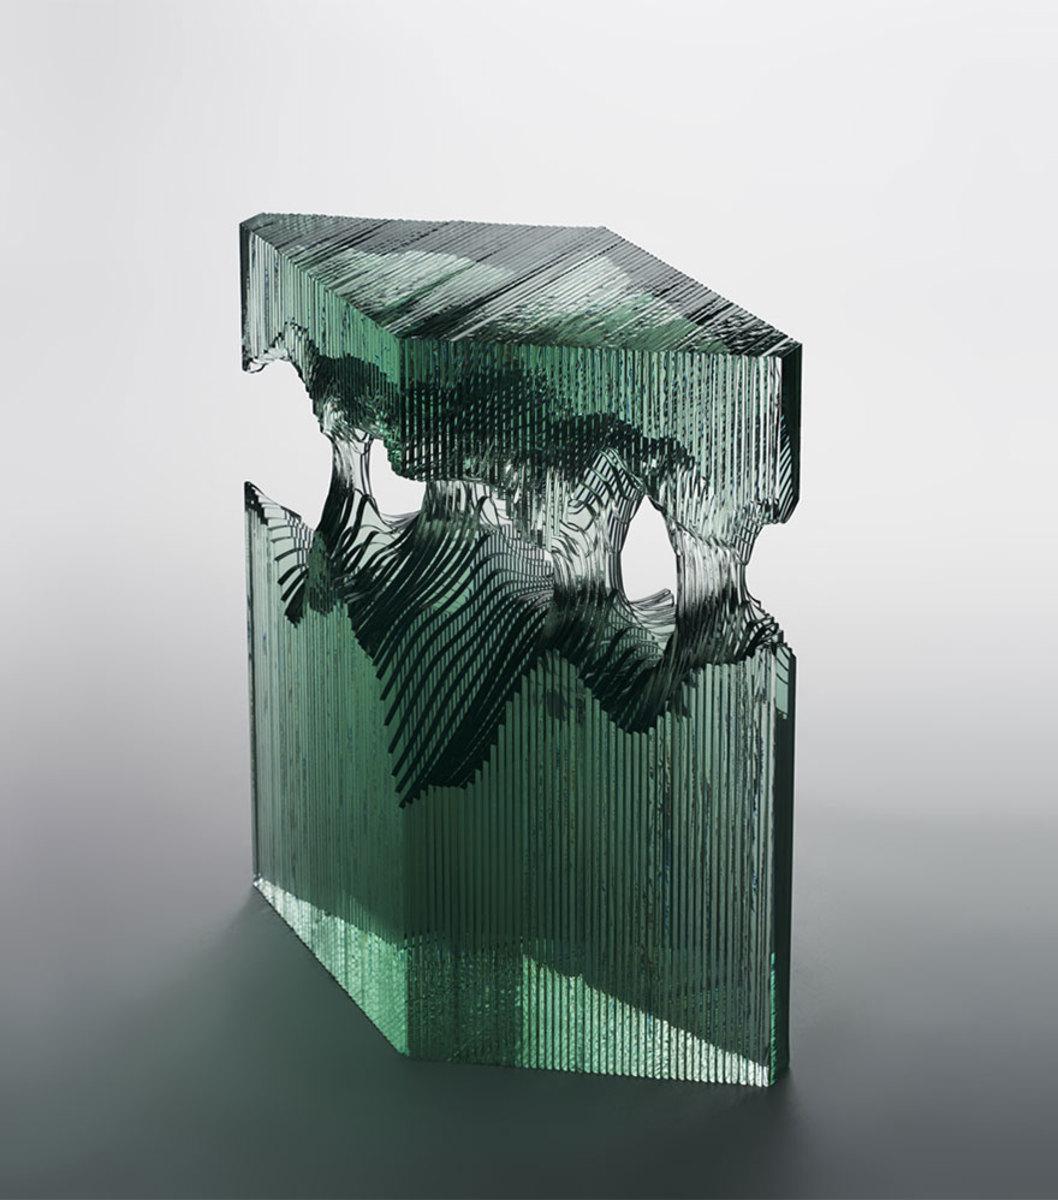 waves-glass-sculpture-ben-young-9